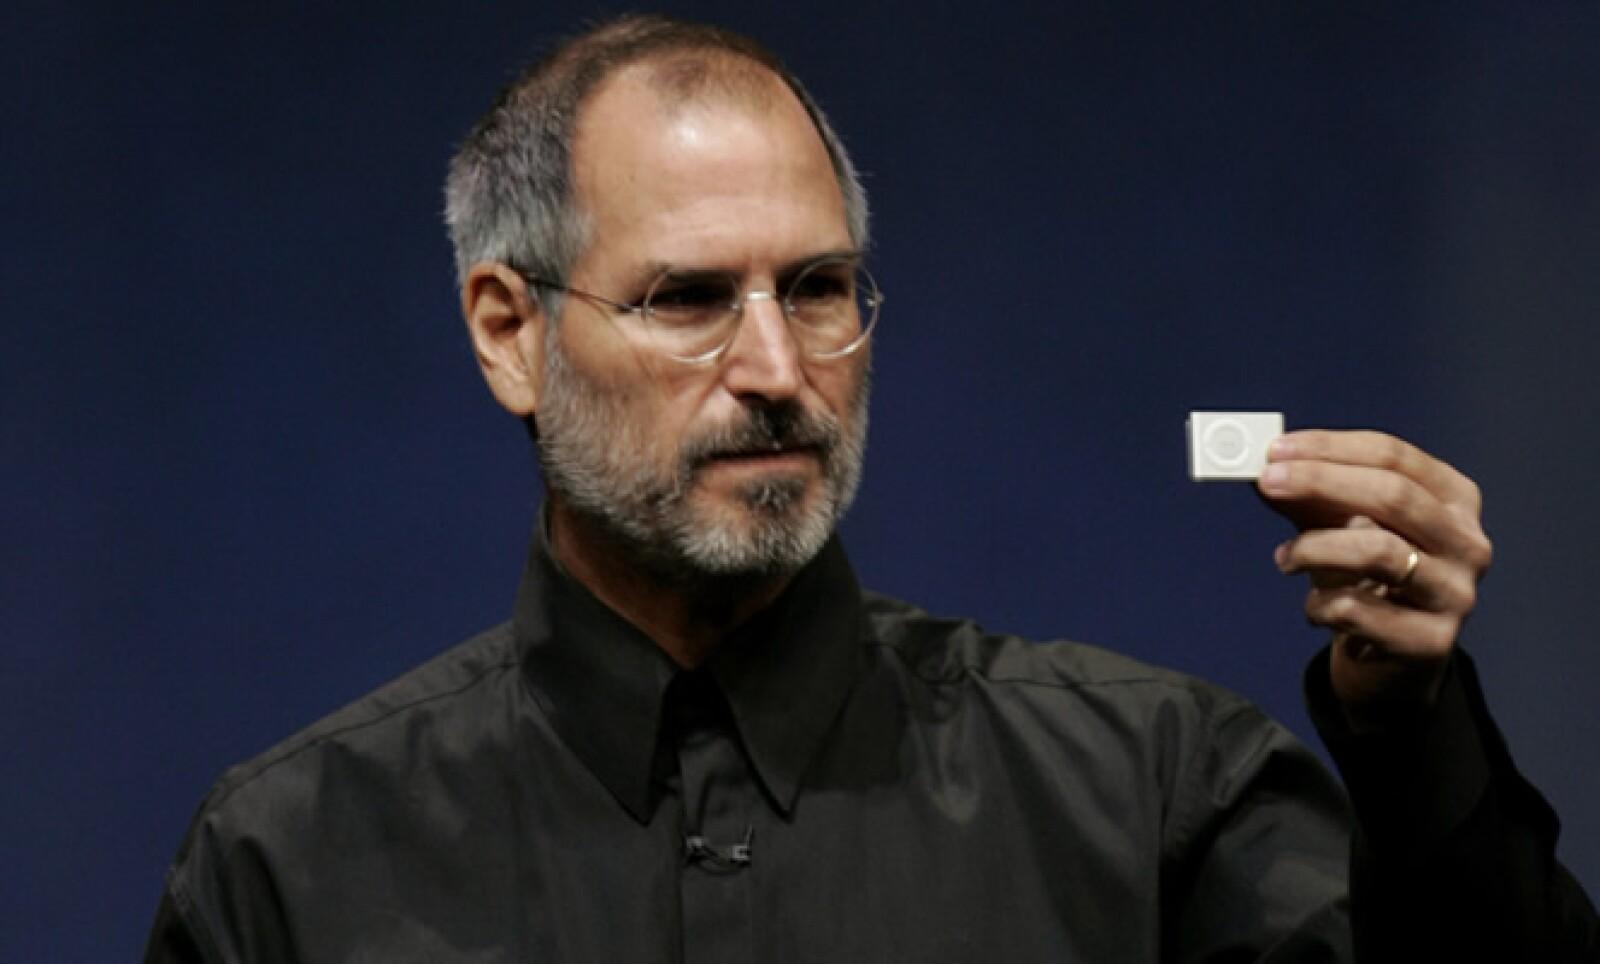 Jobs no inventó el 'ratón', pero fue el primero en ponerlo en una computadora; no inventó el walkman, pero captó generaciones con iPod y iTunes, escribió el diario francés Le Monde.